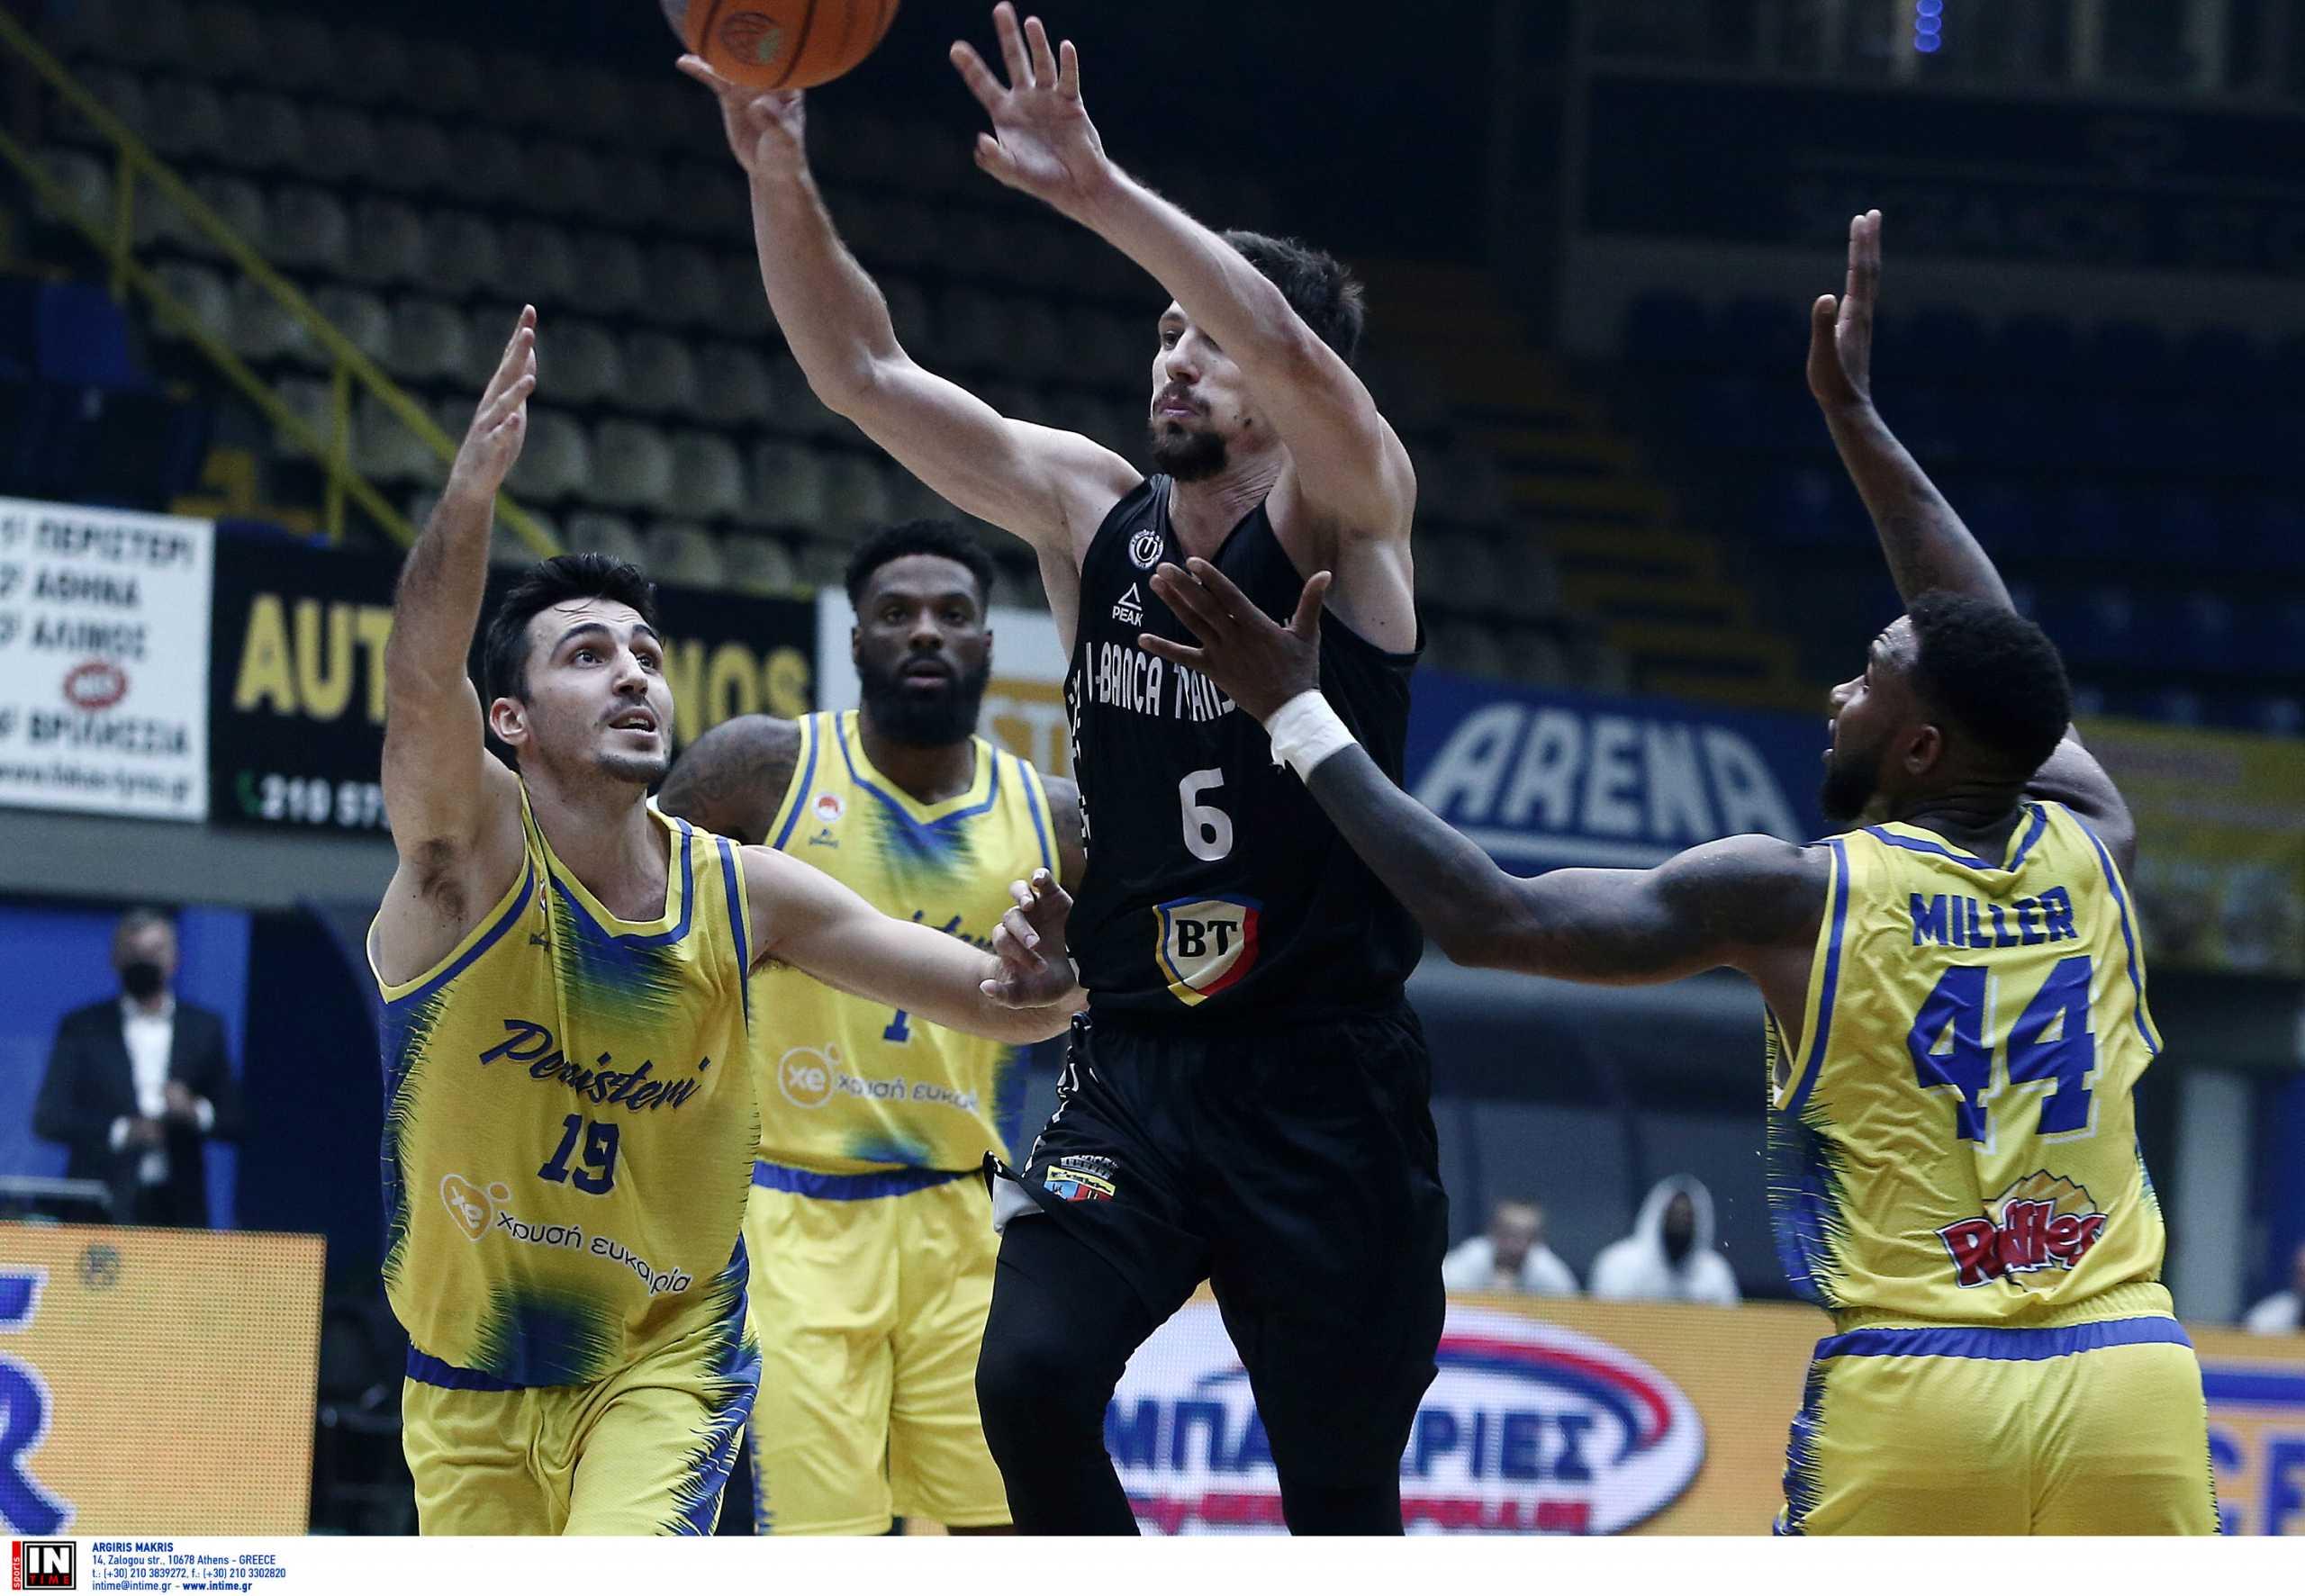 Περιστέρι – Κλουζ 74-84: Ήττα κι αποκλεισμός από το Basketball Champions League